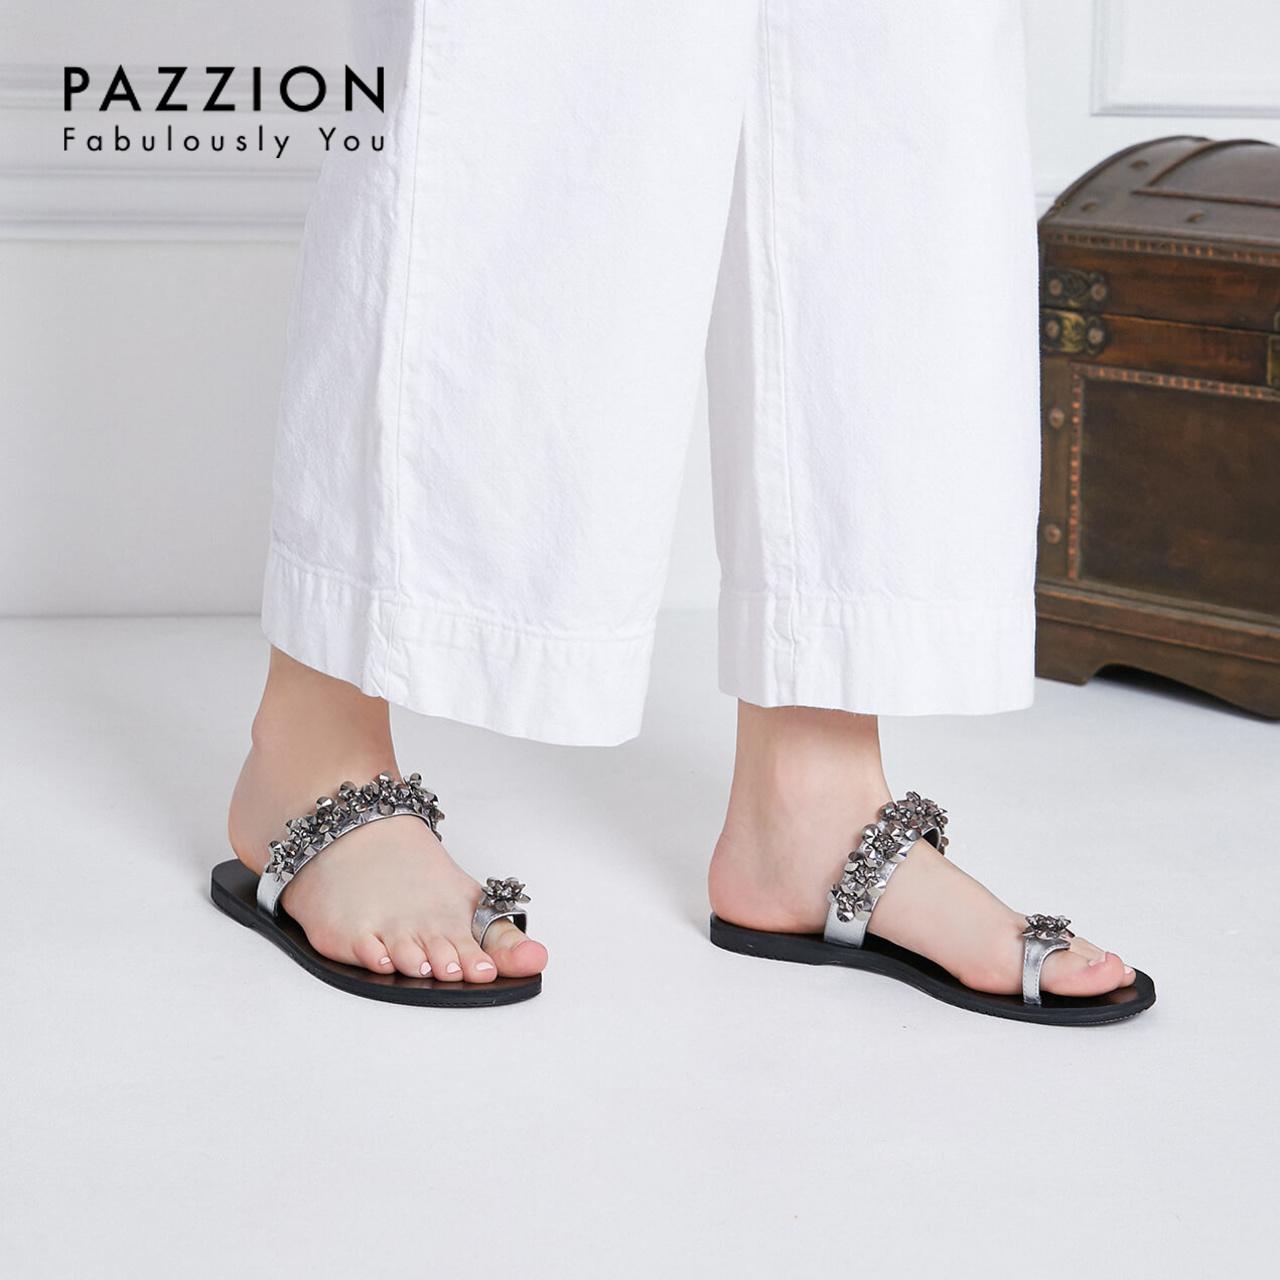 PAZZION2019夏新款甜美一字带珠花亮片夹趾拖鞋 时尚休闲平底女鞋